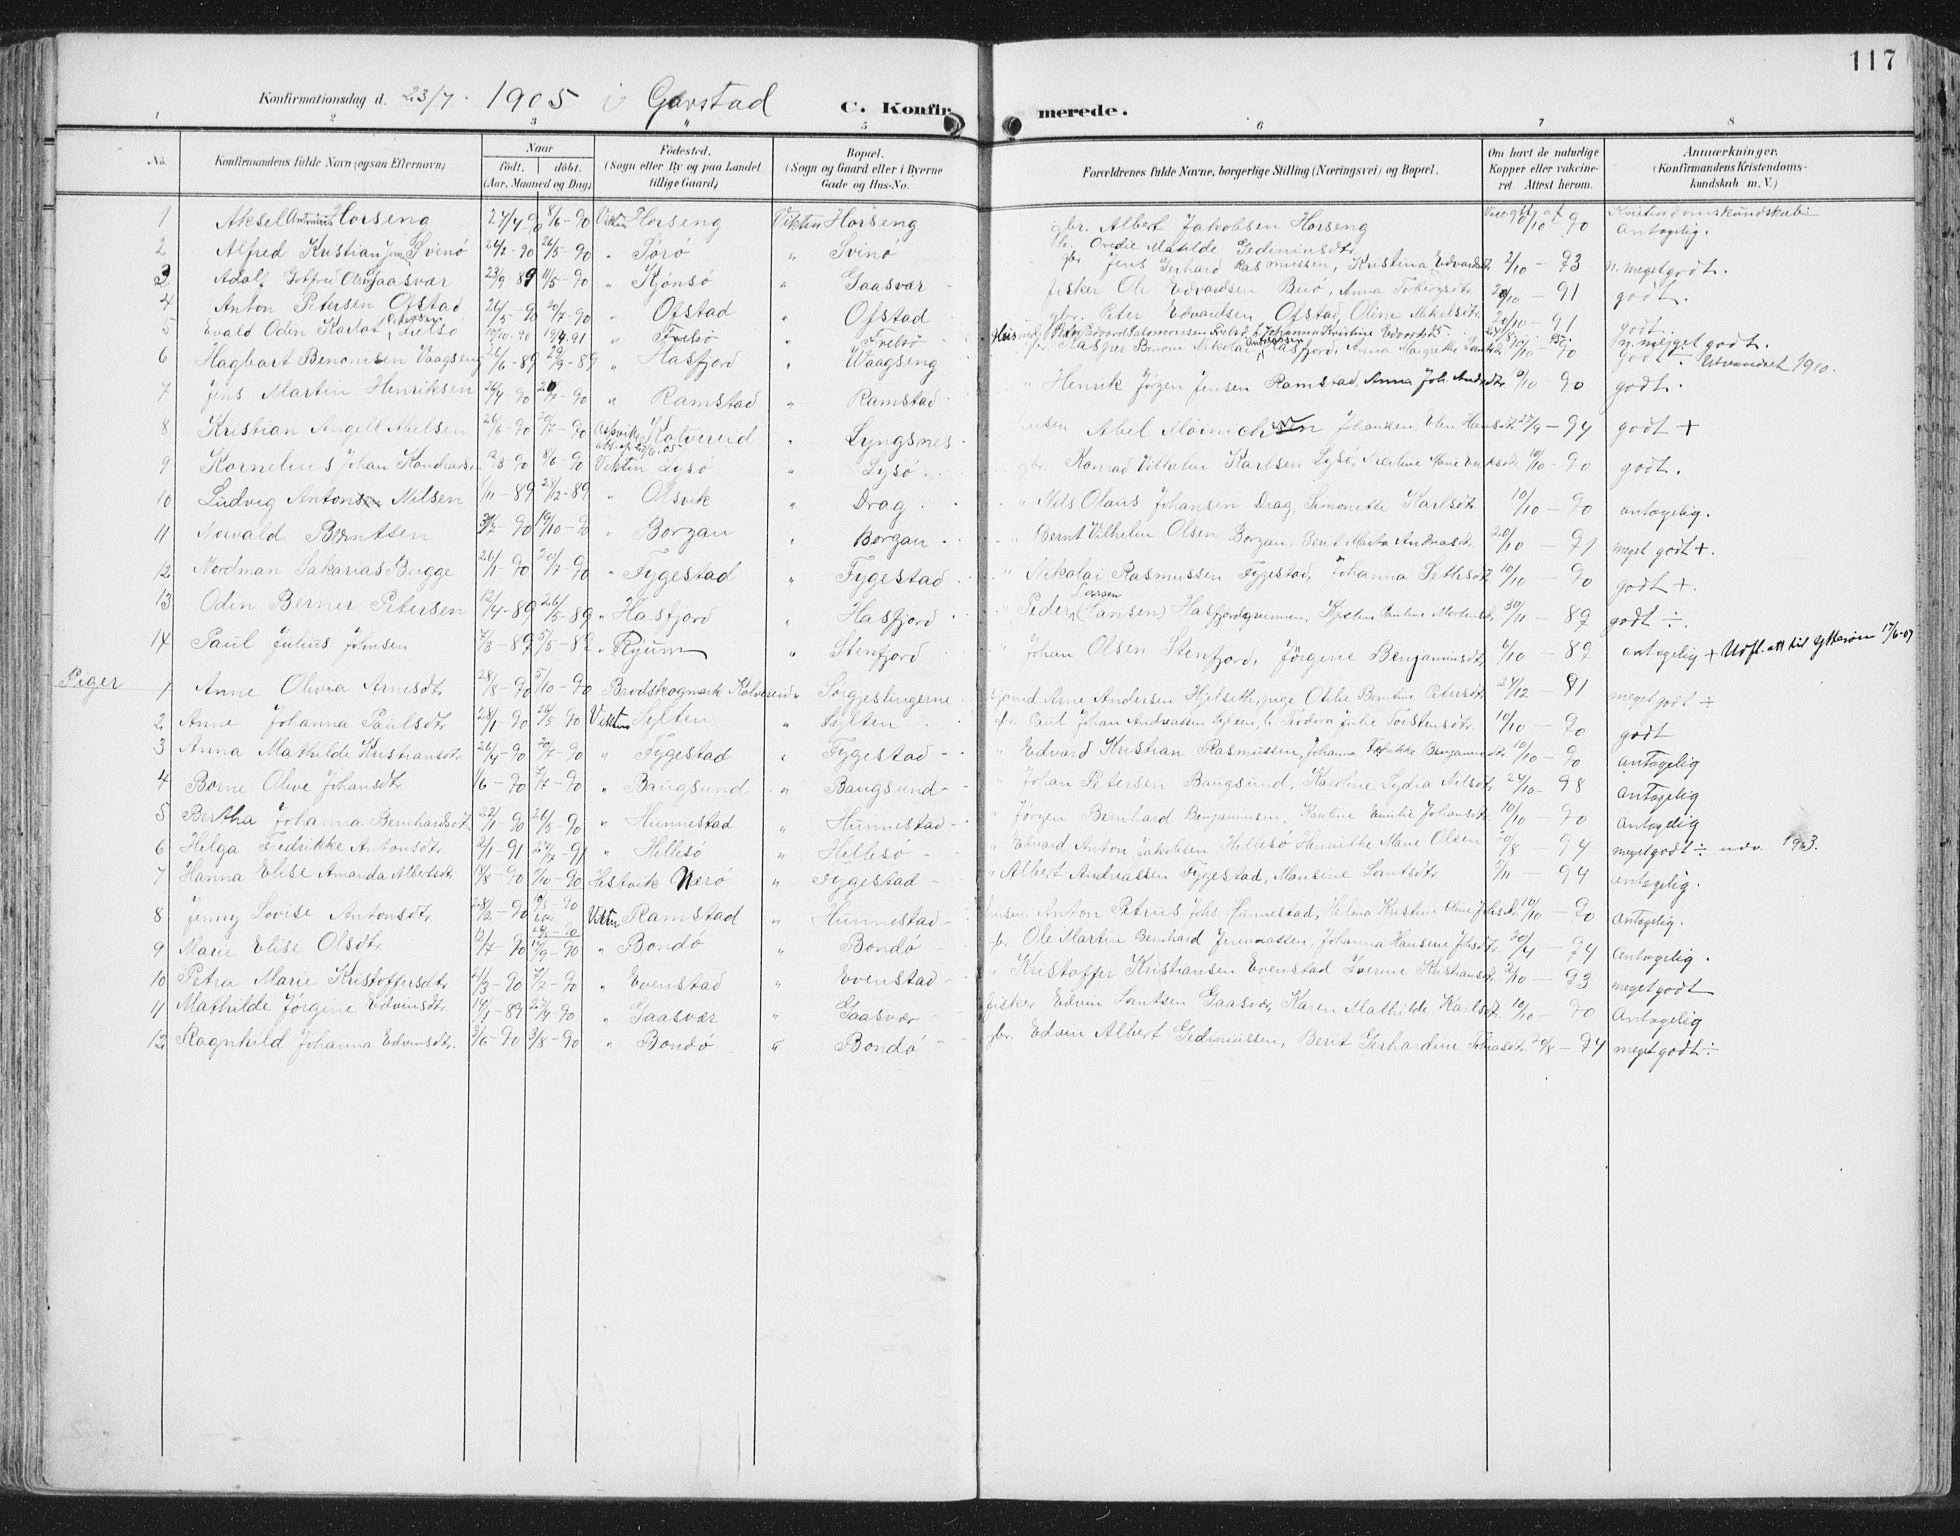 SAT, Ministerialprotokoller, klokkerbøker og fødselsregistre - Nord-Trøndelag, 786/L0688: Ministerialbok nr. 786A04, 1899-1912, s. 117